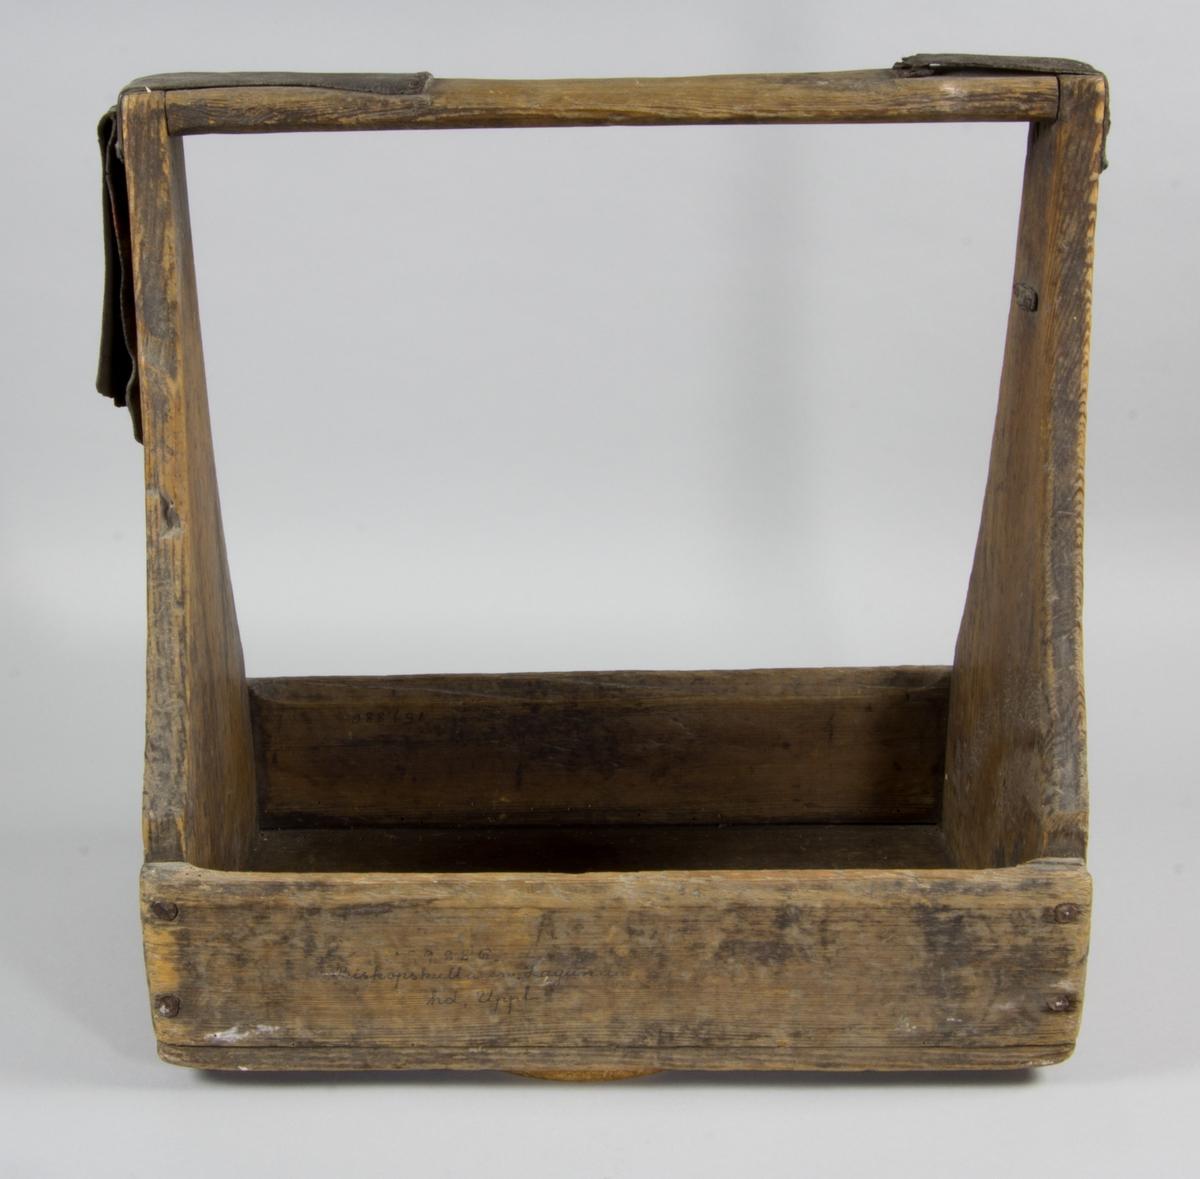 """Knivlåda i trä. Rektangulär med ett fack. Kortsidorna avsmalnande uppåt och med högt handtag. Handtagets hörn med spikade stiglar av läder. Märkt på ena kort sidan: """"AHSn""""."""